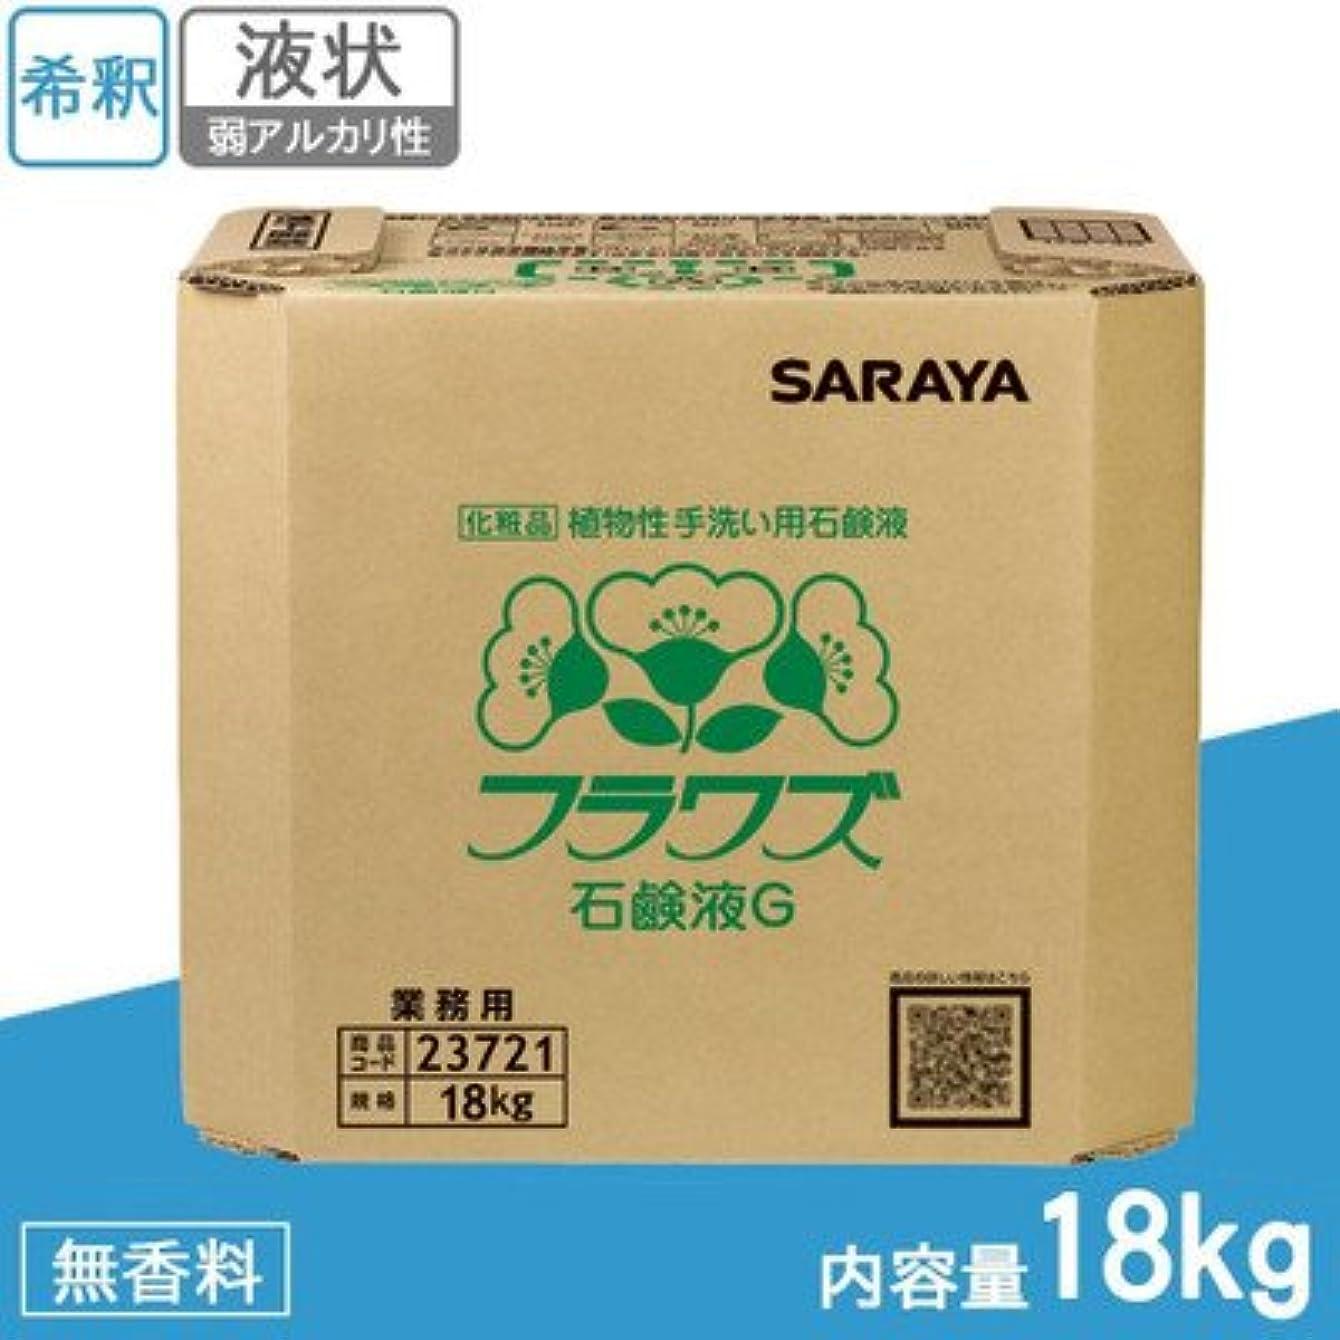 機構公シャッター希釈タイプの業務用石けん液です サラヤ 業務用 植物性手洗い用石鹸液 フラワズ石鹸液G 18kg BIB 23721